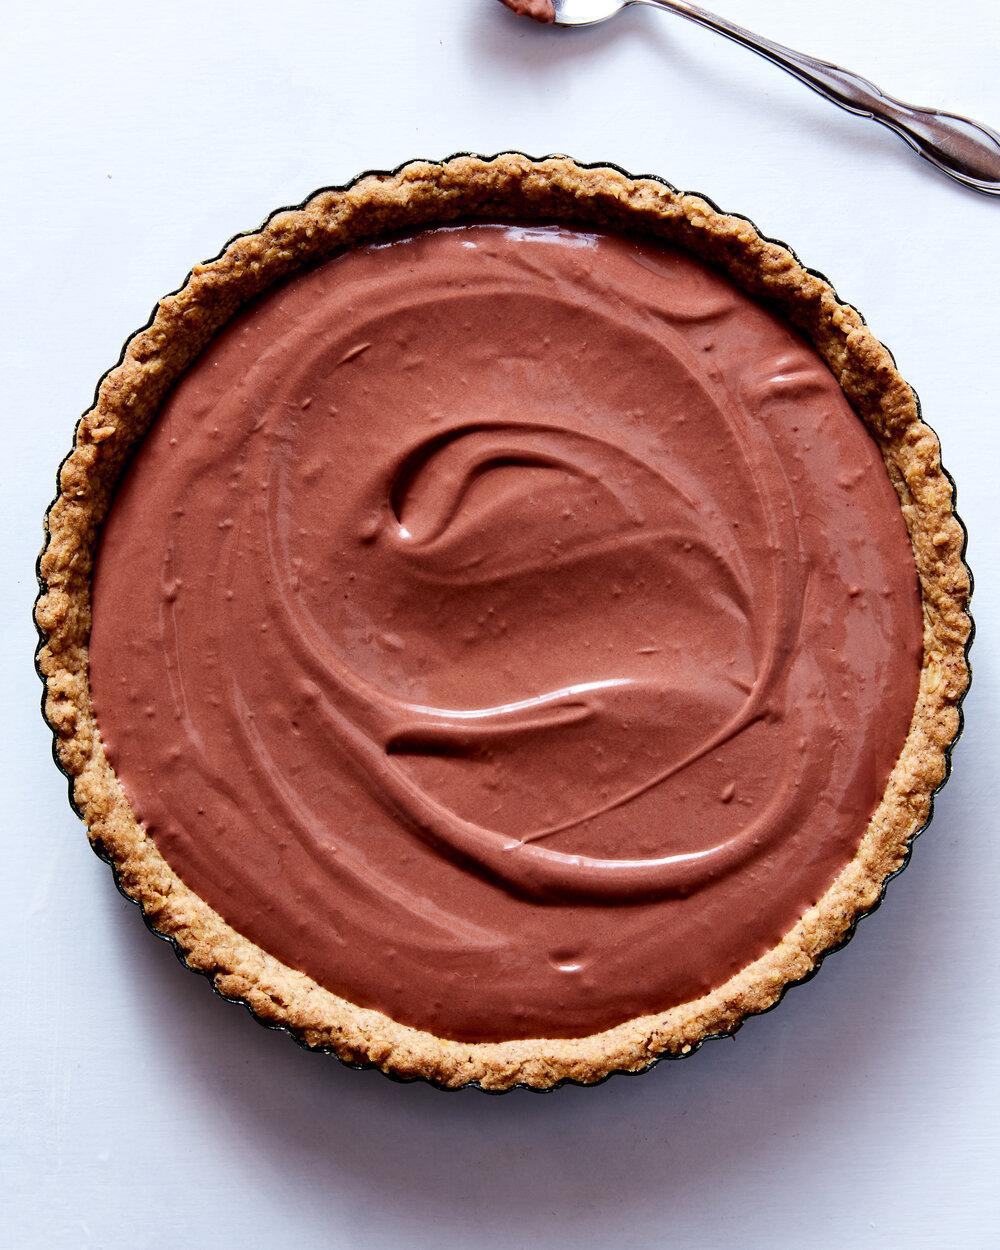 092020_ChocolateMousseTart_YossyArefi 7.jpg